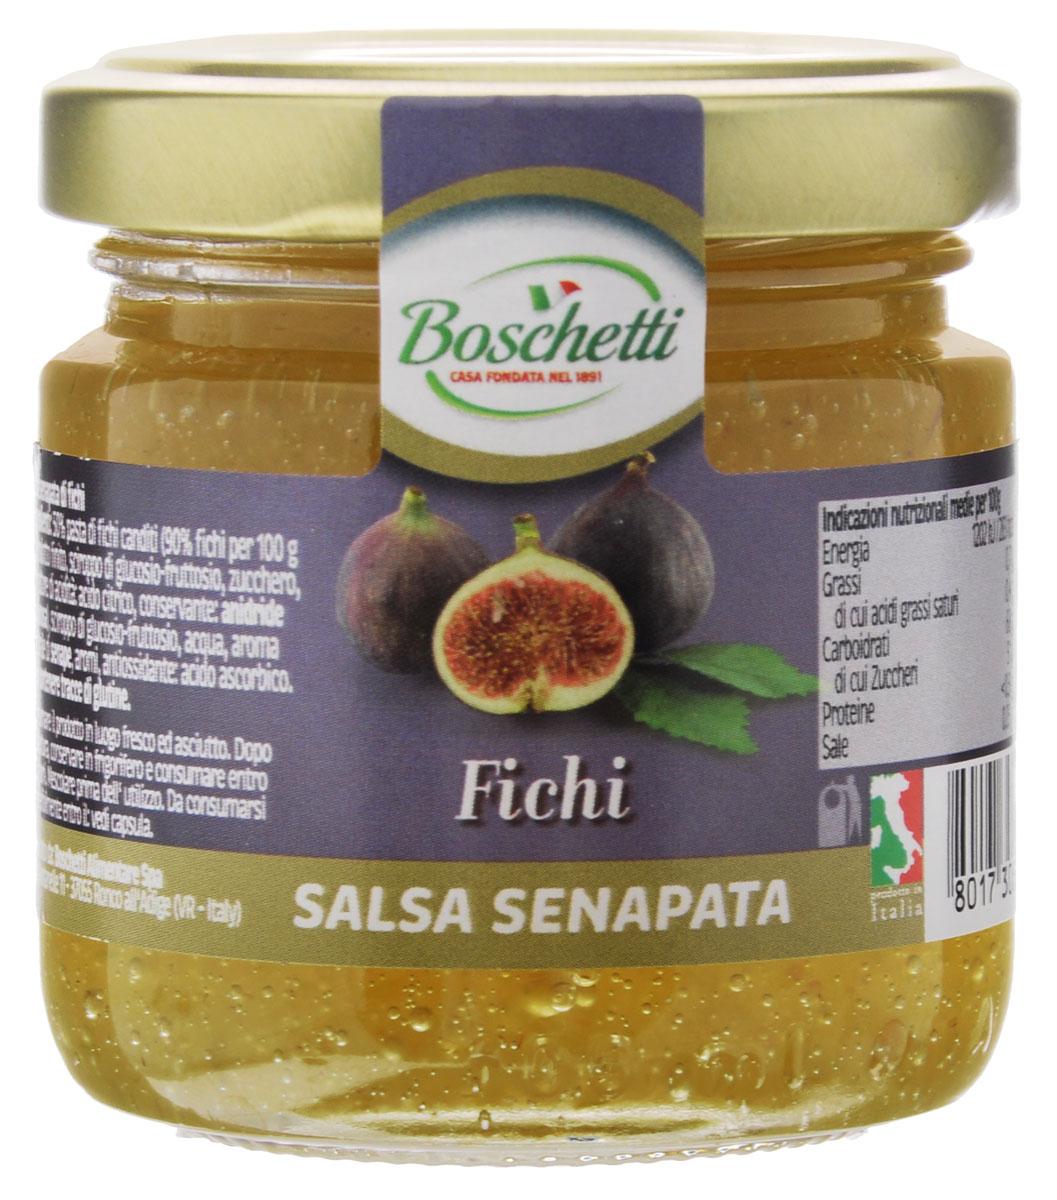 Boschetti Fichi соус сальса, 120 г0120710В основе горчичного соуса Boschetti Fichi лежат горчица и фрукты, подобранные итальянскими кулинарами в нужных пропорциях. Соус имеет в своем составе глюкозный сироп, в результате чего он приобрел мягкую кремовую консистенцию. Уникальное сочетание инжира и горчицы волею итальянских мастеров дает неповторимый вкус.Вкусовая гамма Boschetti наполнена итальянским солнцем и дивным ароматом. Соус может стать основой для множества рецептов. Кроме того, его можно использовать как дополнение к уже готовому блюду. Более всего Boschetti оригинально смотрится на сэндвиче или тартинке. С ним даже обычная утренняя яичница станет деликатесом, а традиционное утреннее чаепитие превратится в полноценный и вкусный завтрак.Состав: паста инжирная с сахаром 50% (90% инжира на 100 г готового продукта: сироп глюкозы-фруктозы, сахар, регулятор кислотности (лимонная кислота), консервант (ангидрид), сироп глюкозы-фруктозы, вода, натуральный ароматизатор горчица, ароматизаторы, антиокислитель (аскорбиновая кислота). Может содержать клейковину.